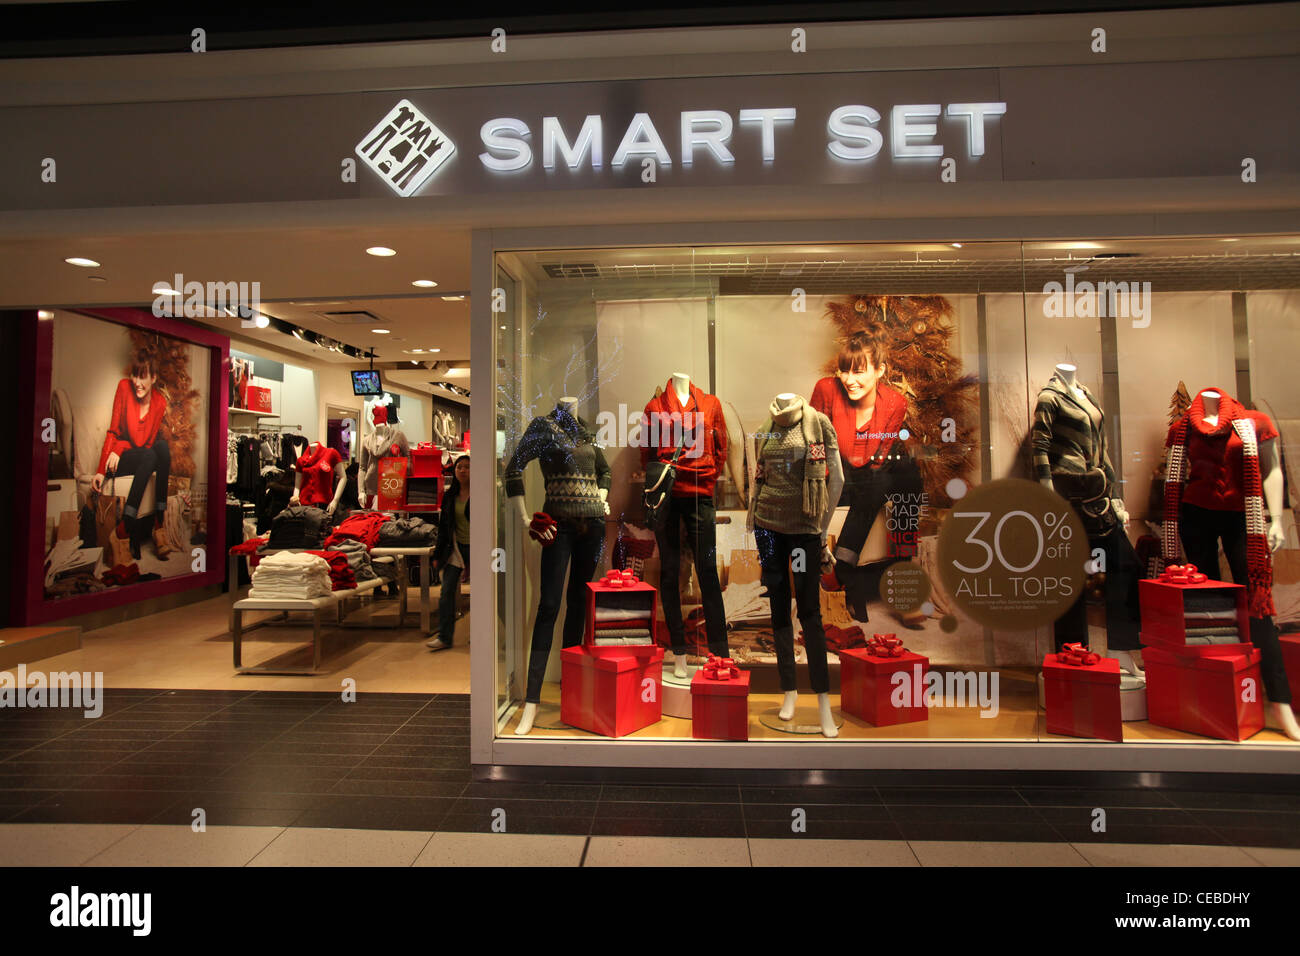 Smart set fashion clothes store in Eaton Center Toronto